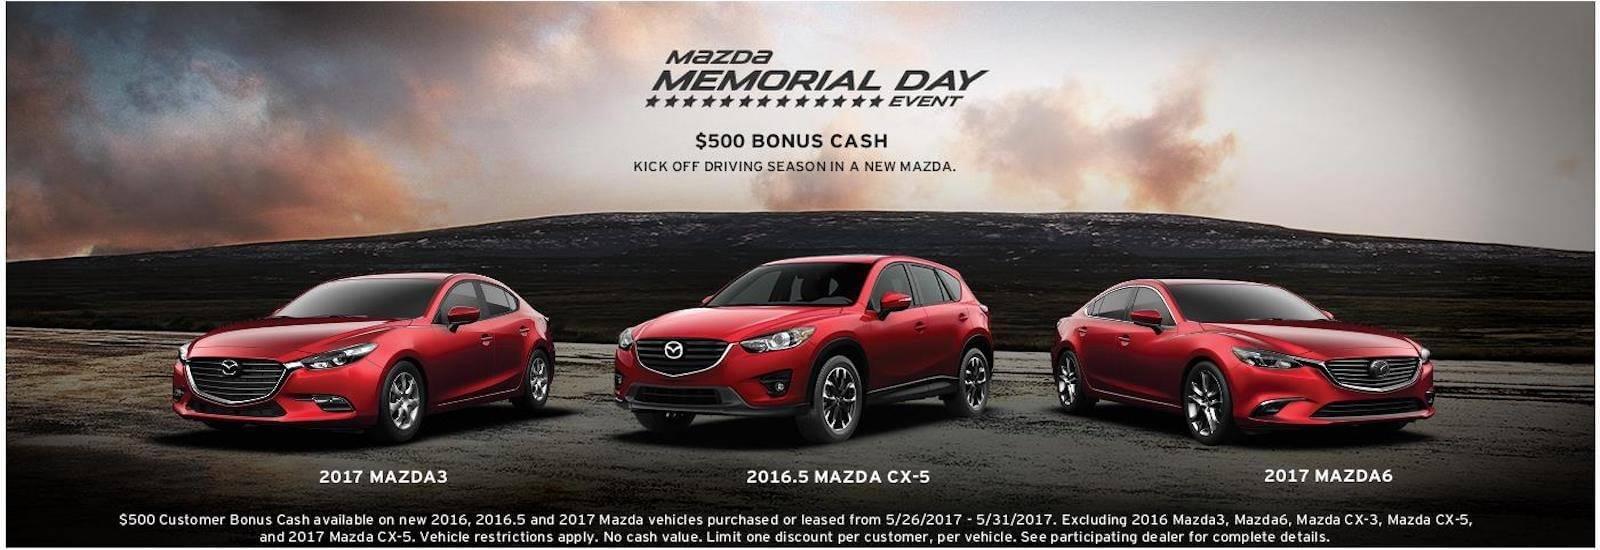 Mazda Memorial Day